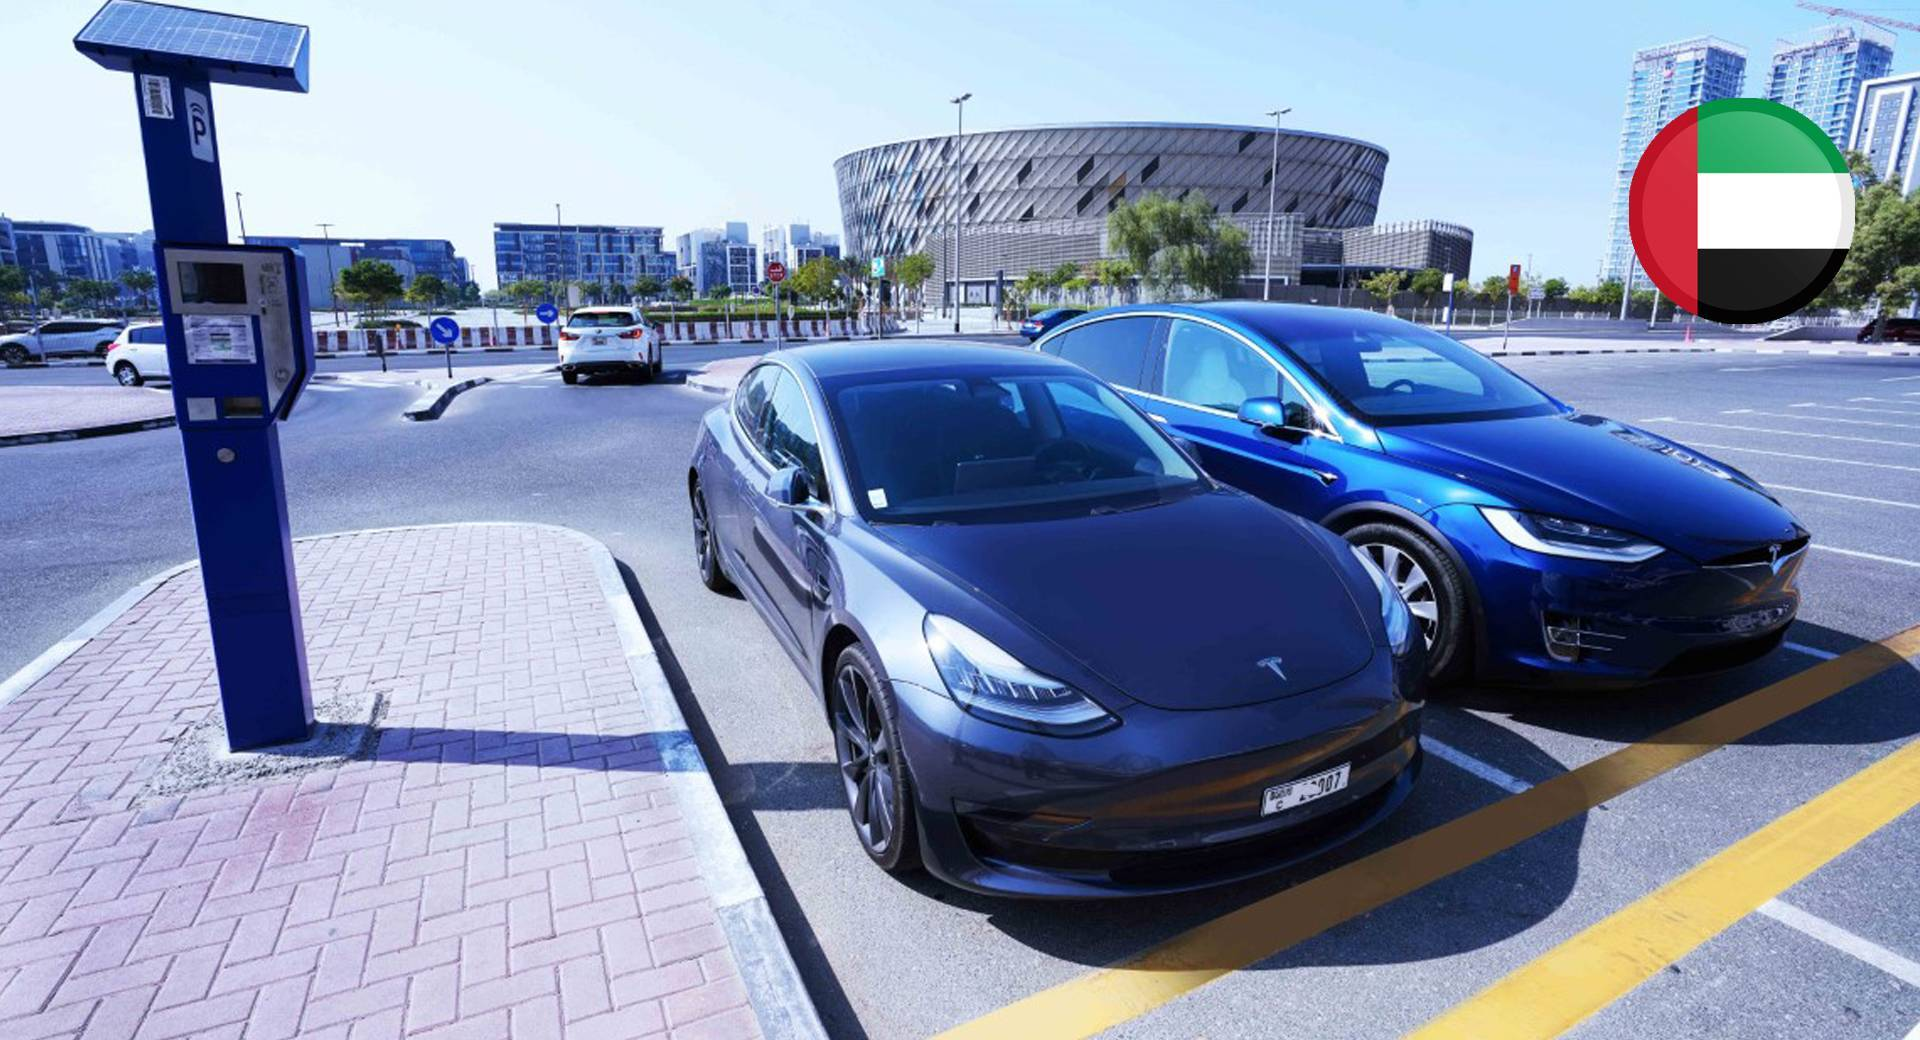 دبي تعفي المركبات الكهربائية من دفع تعرفة المواقف العامة عامين